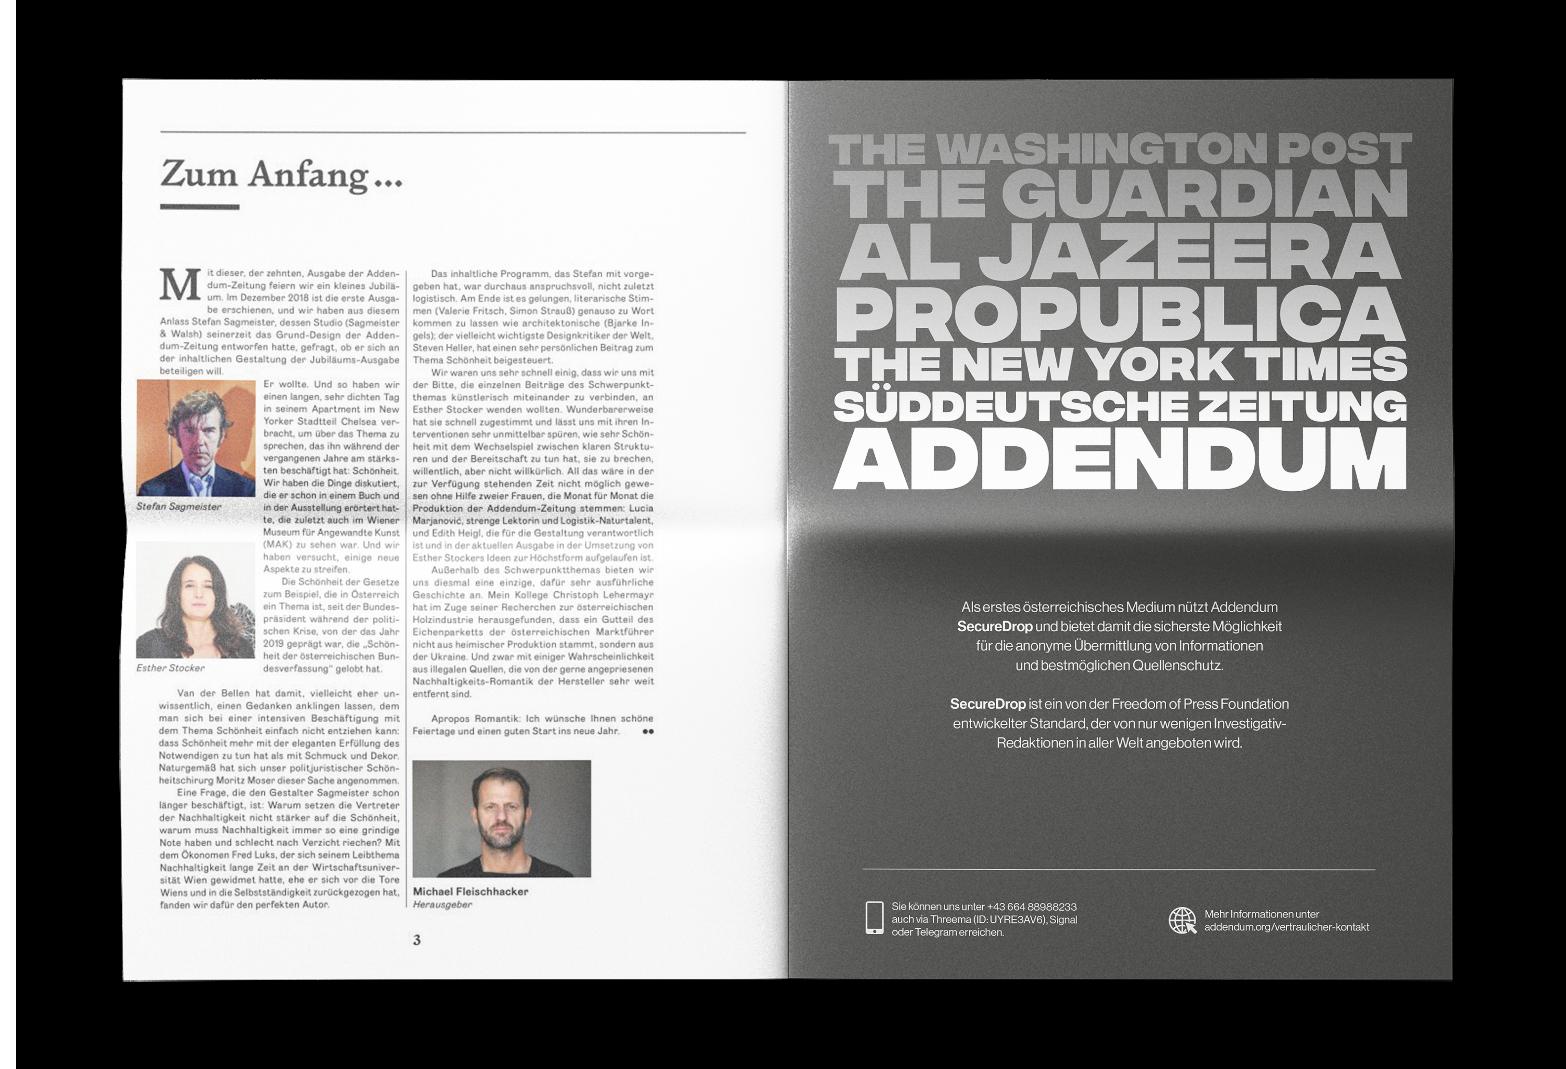 newspaper_mockup_1900_addendum_v2